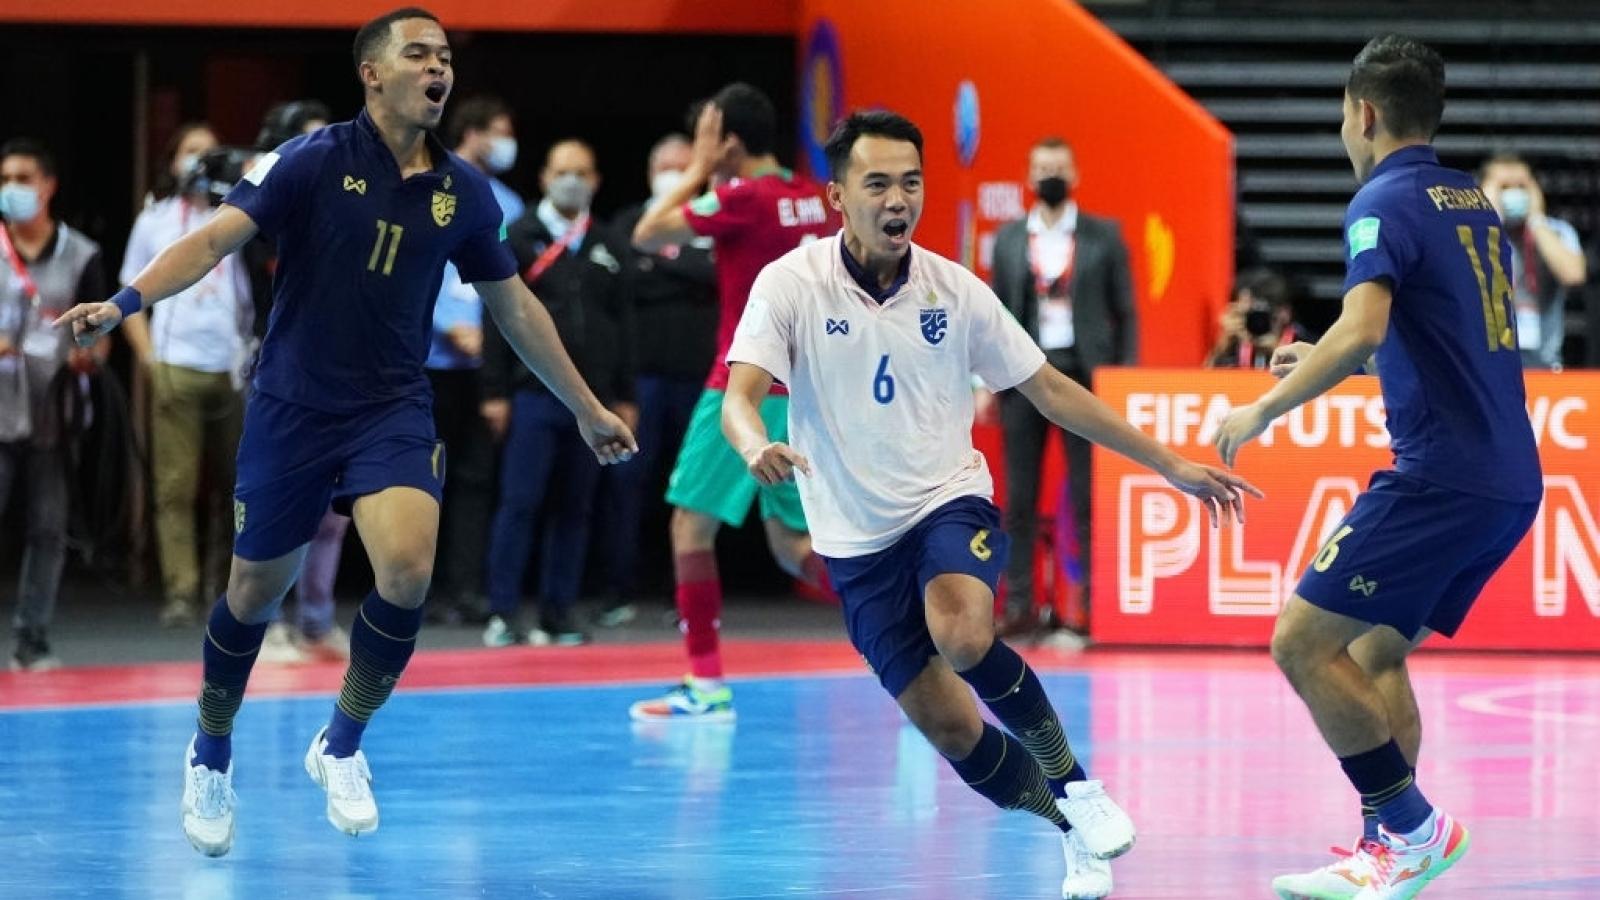 Ghi bàn ở những giây cuối cùng, ĐT Futsal Thái Lan sáng cửa vào vòng 1/8 World Cup